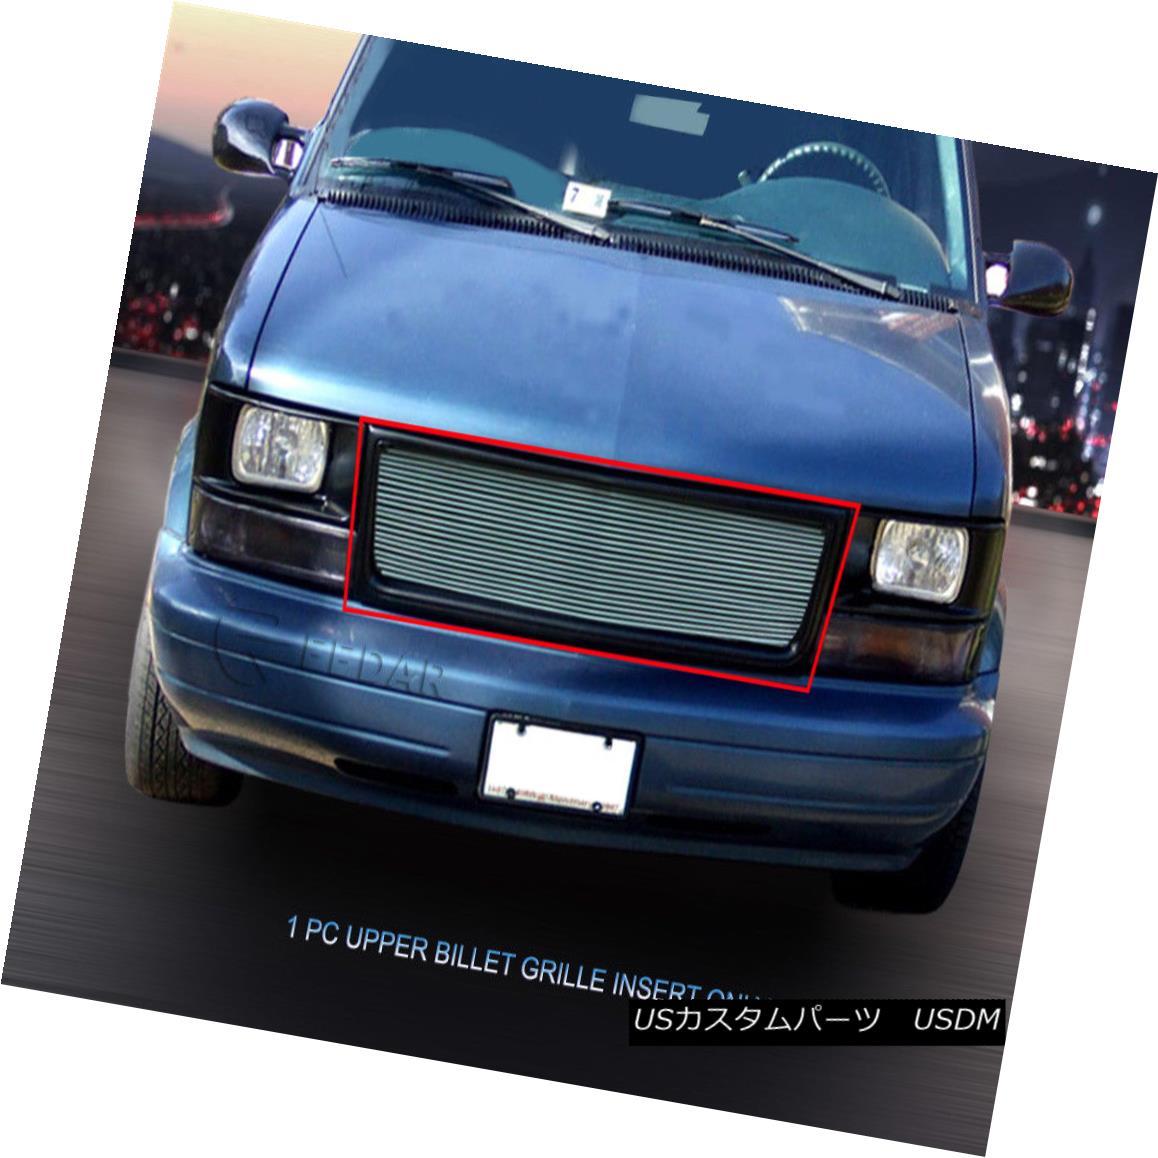 グリル Fits 1995 - 2005 GMC Safari Van Billet Grille Main Upper Grill Insert Fedar フィット1995年 - 2005年GMCサファリヴァンビレットグリルメインアッパーグリルインサートFedar